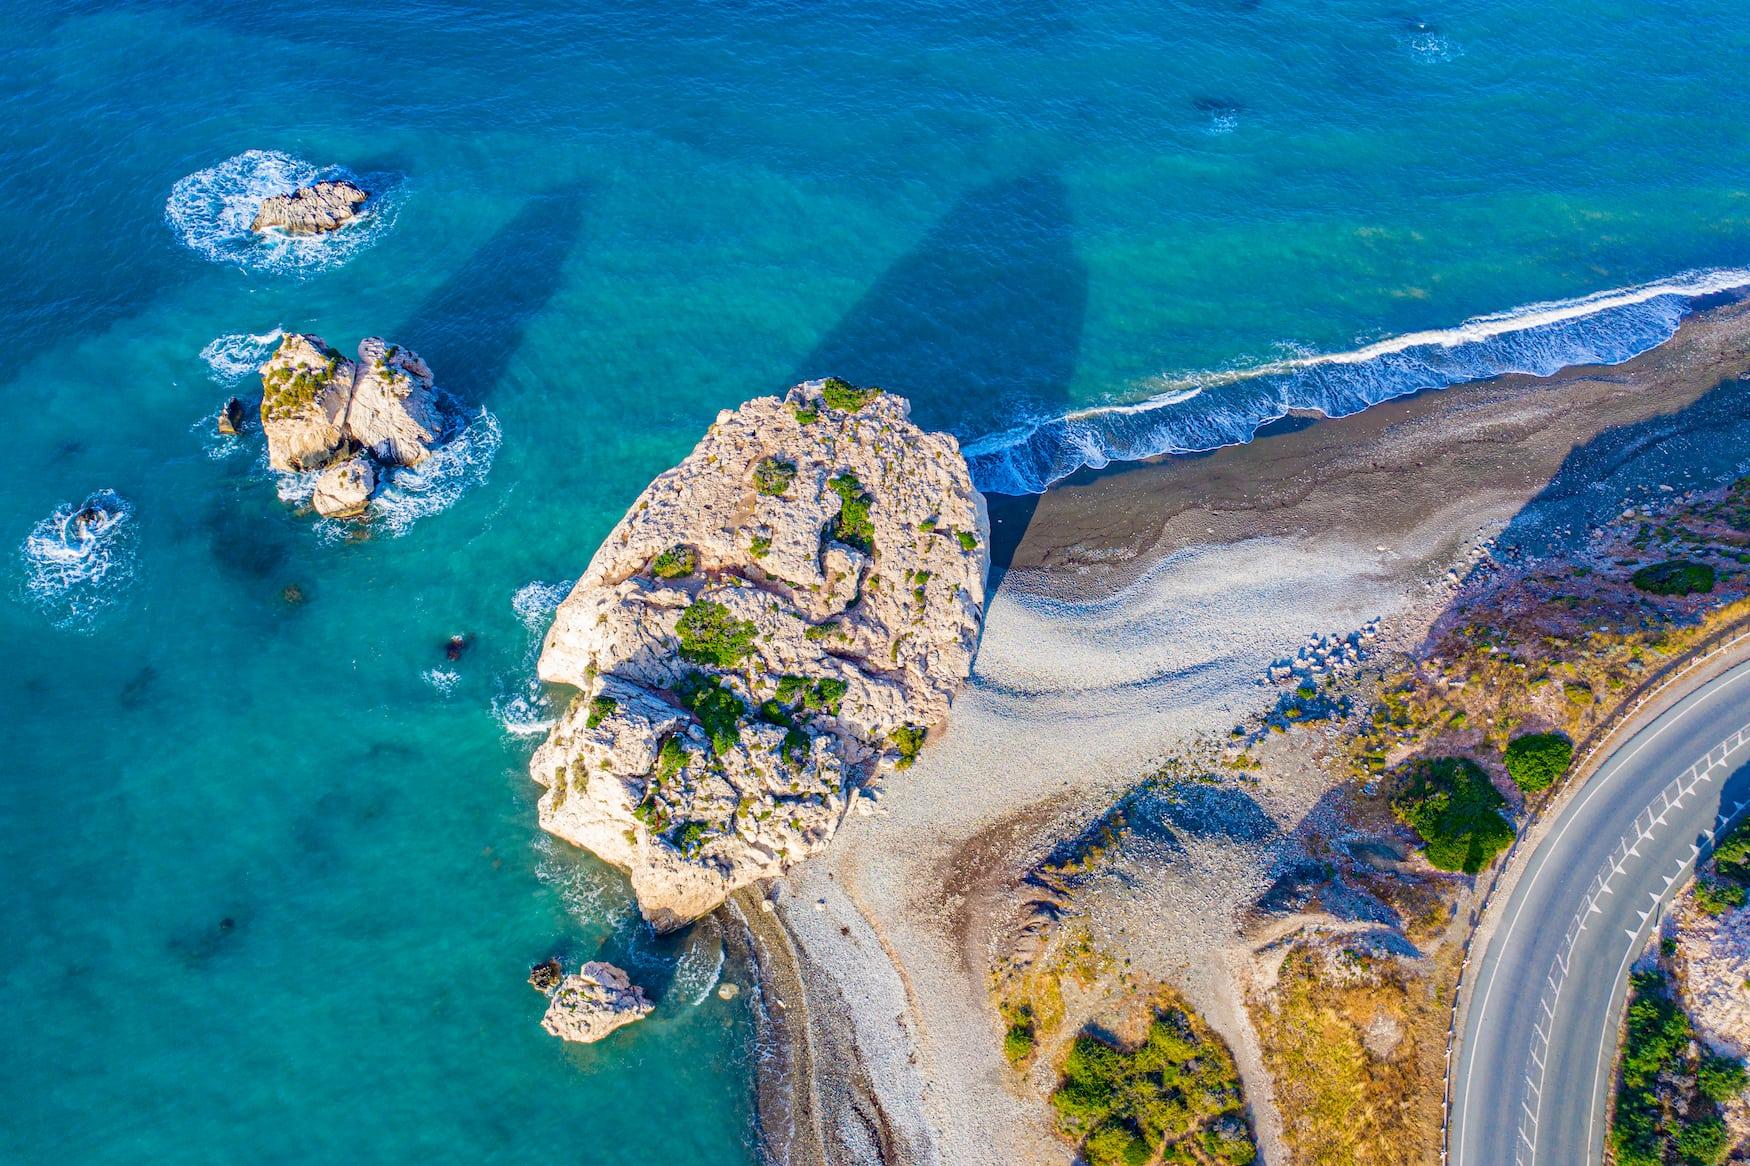 Einer unserer Zypern Reisetipps ist definitiv der Besuch des Aphrodite Felsens im Mittelmeer